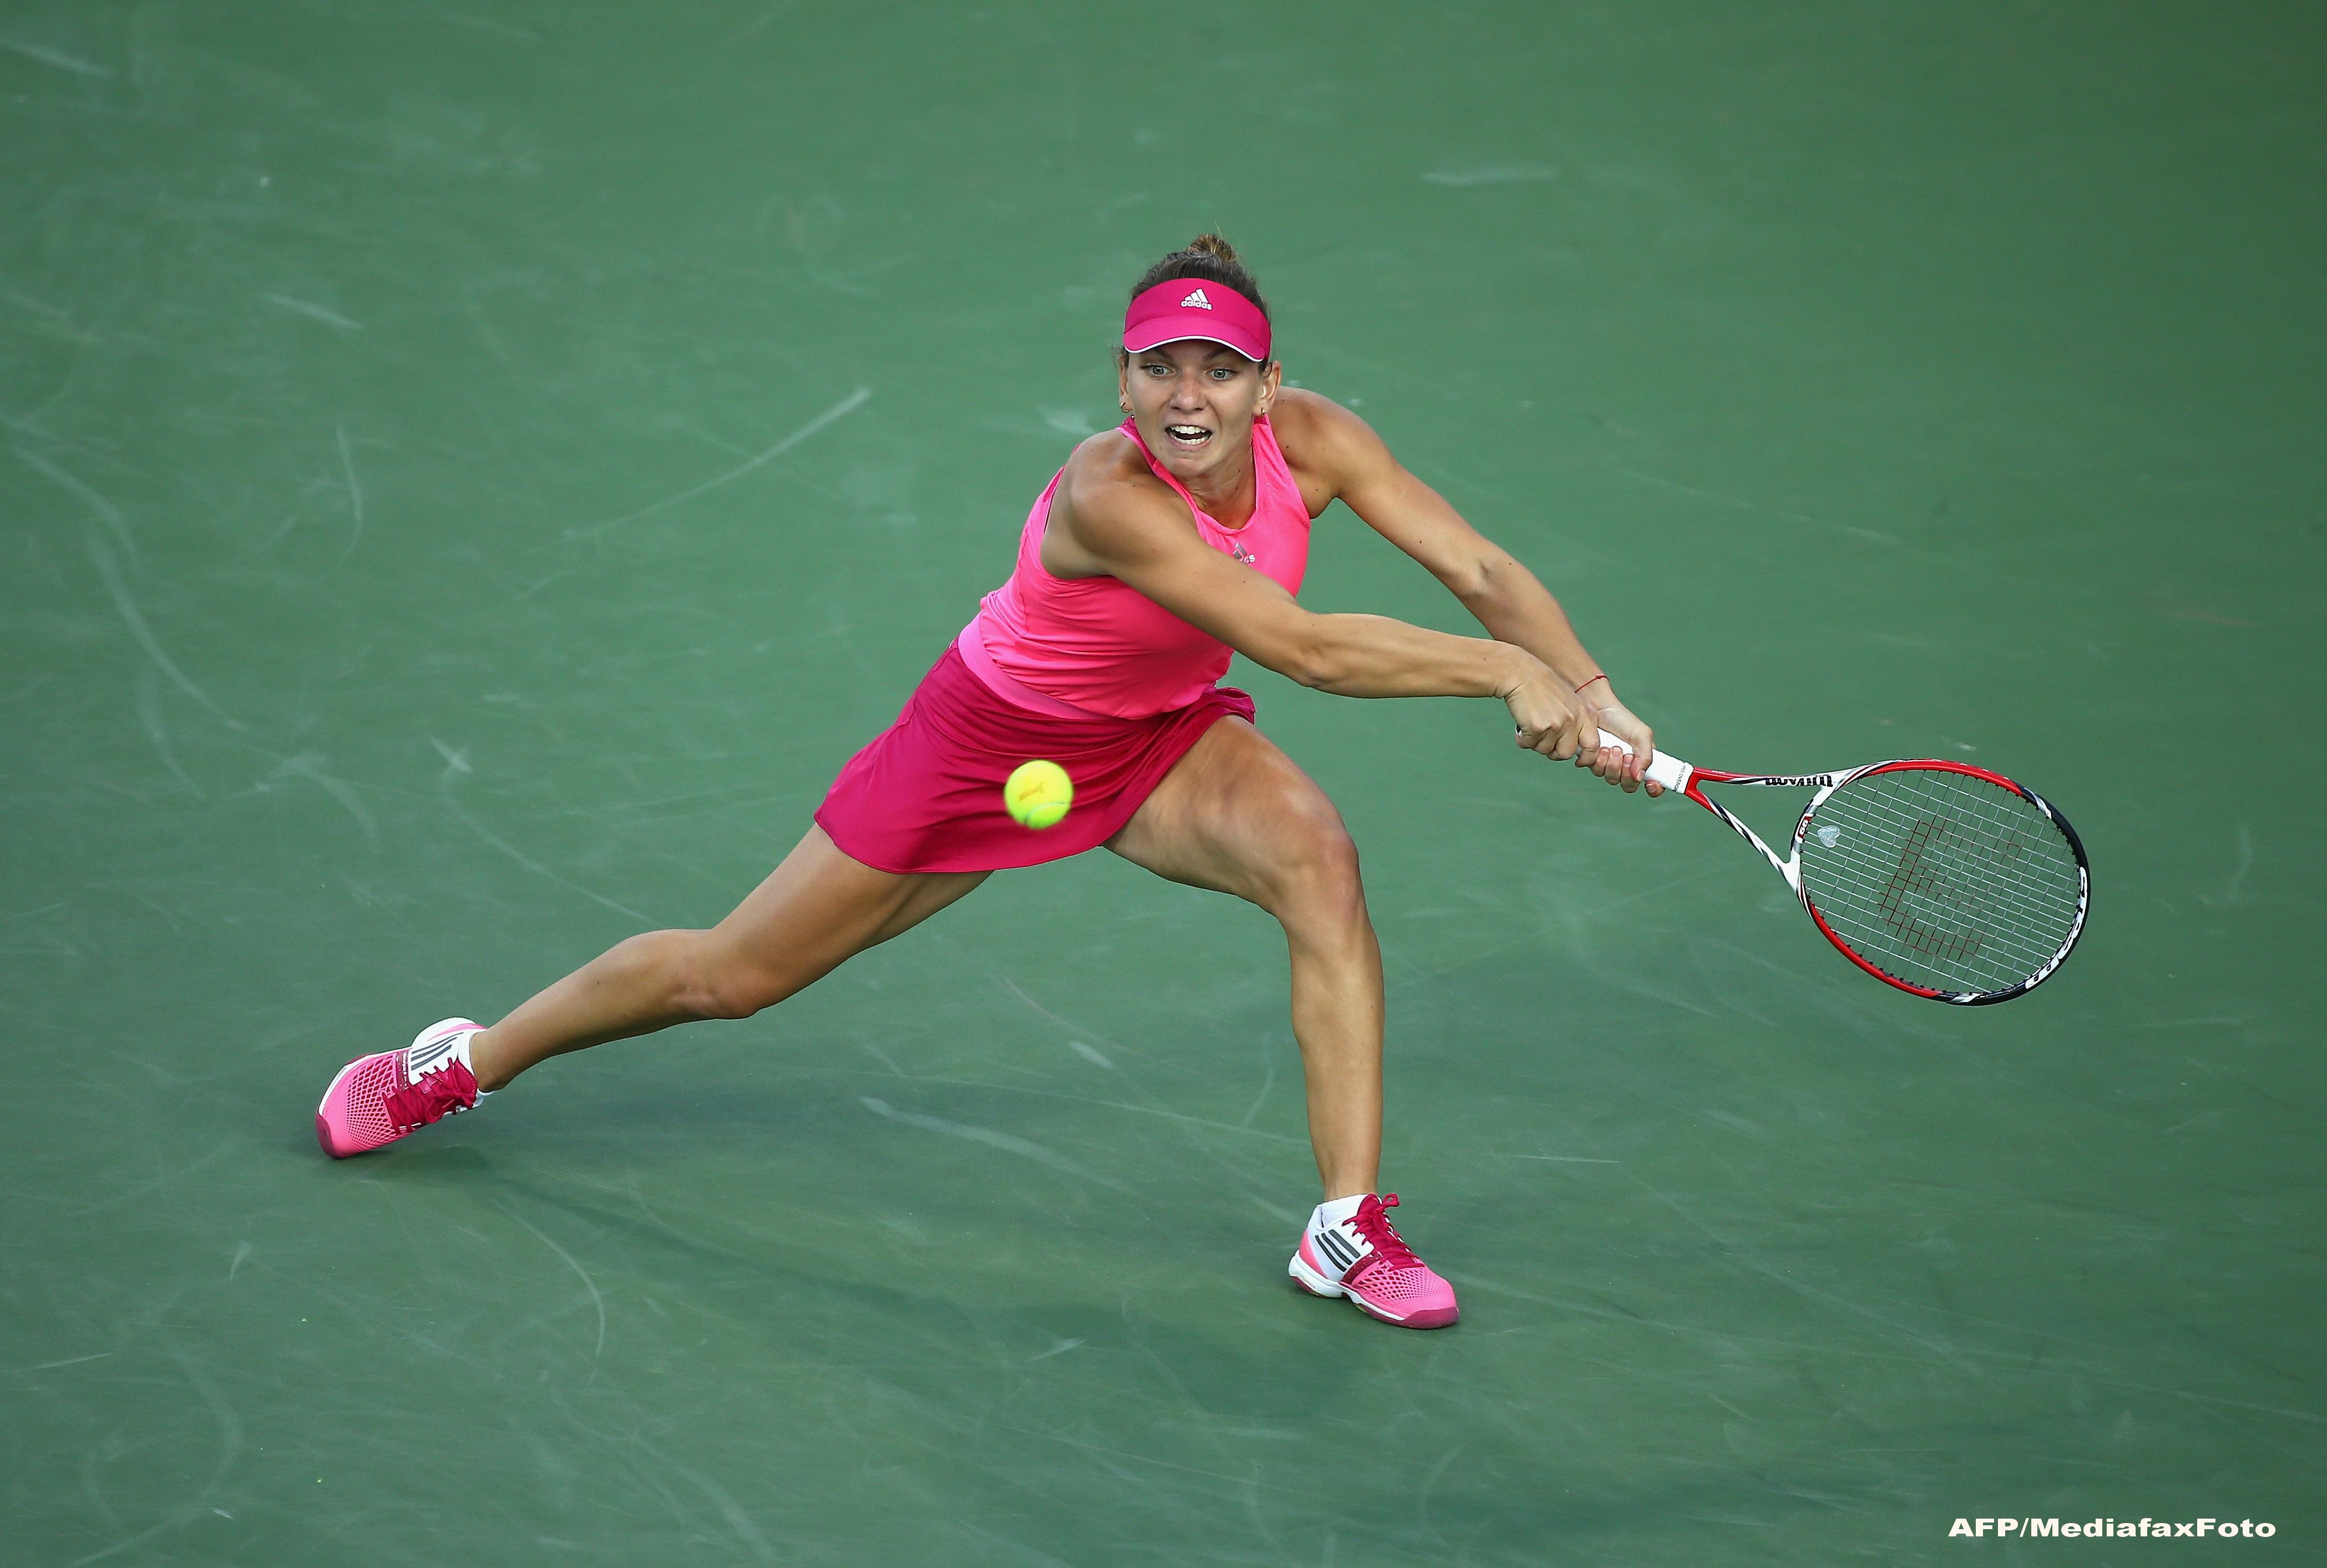 SIMONA HALEP - JANA CEPELOVA, 6-2, 6-1, in turul doi de la US Open. Victorie lejera, in 55 de minute, pentru Simona